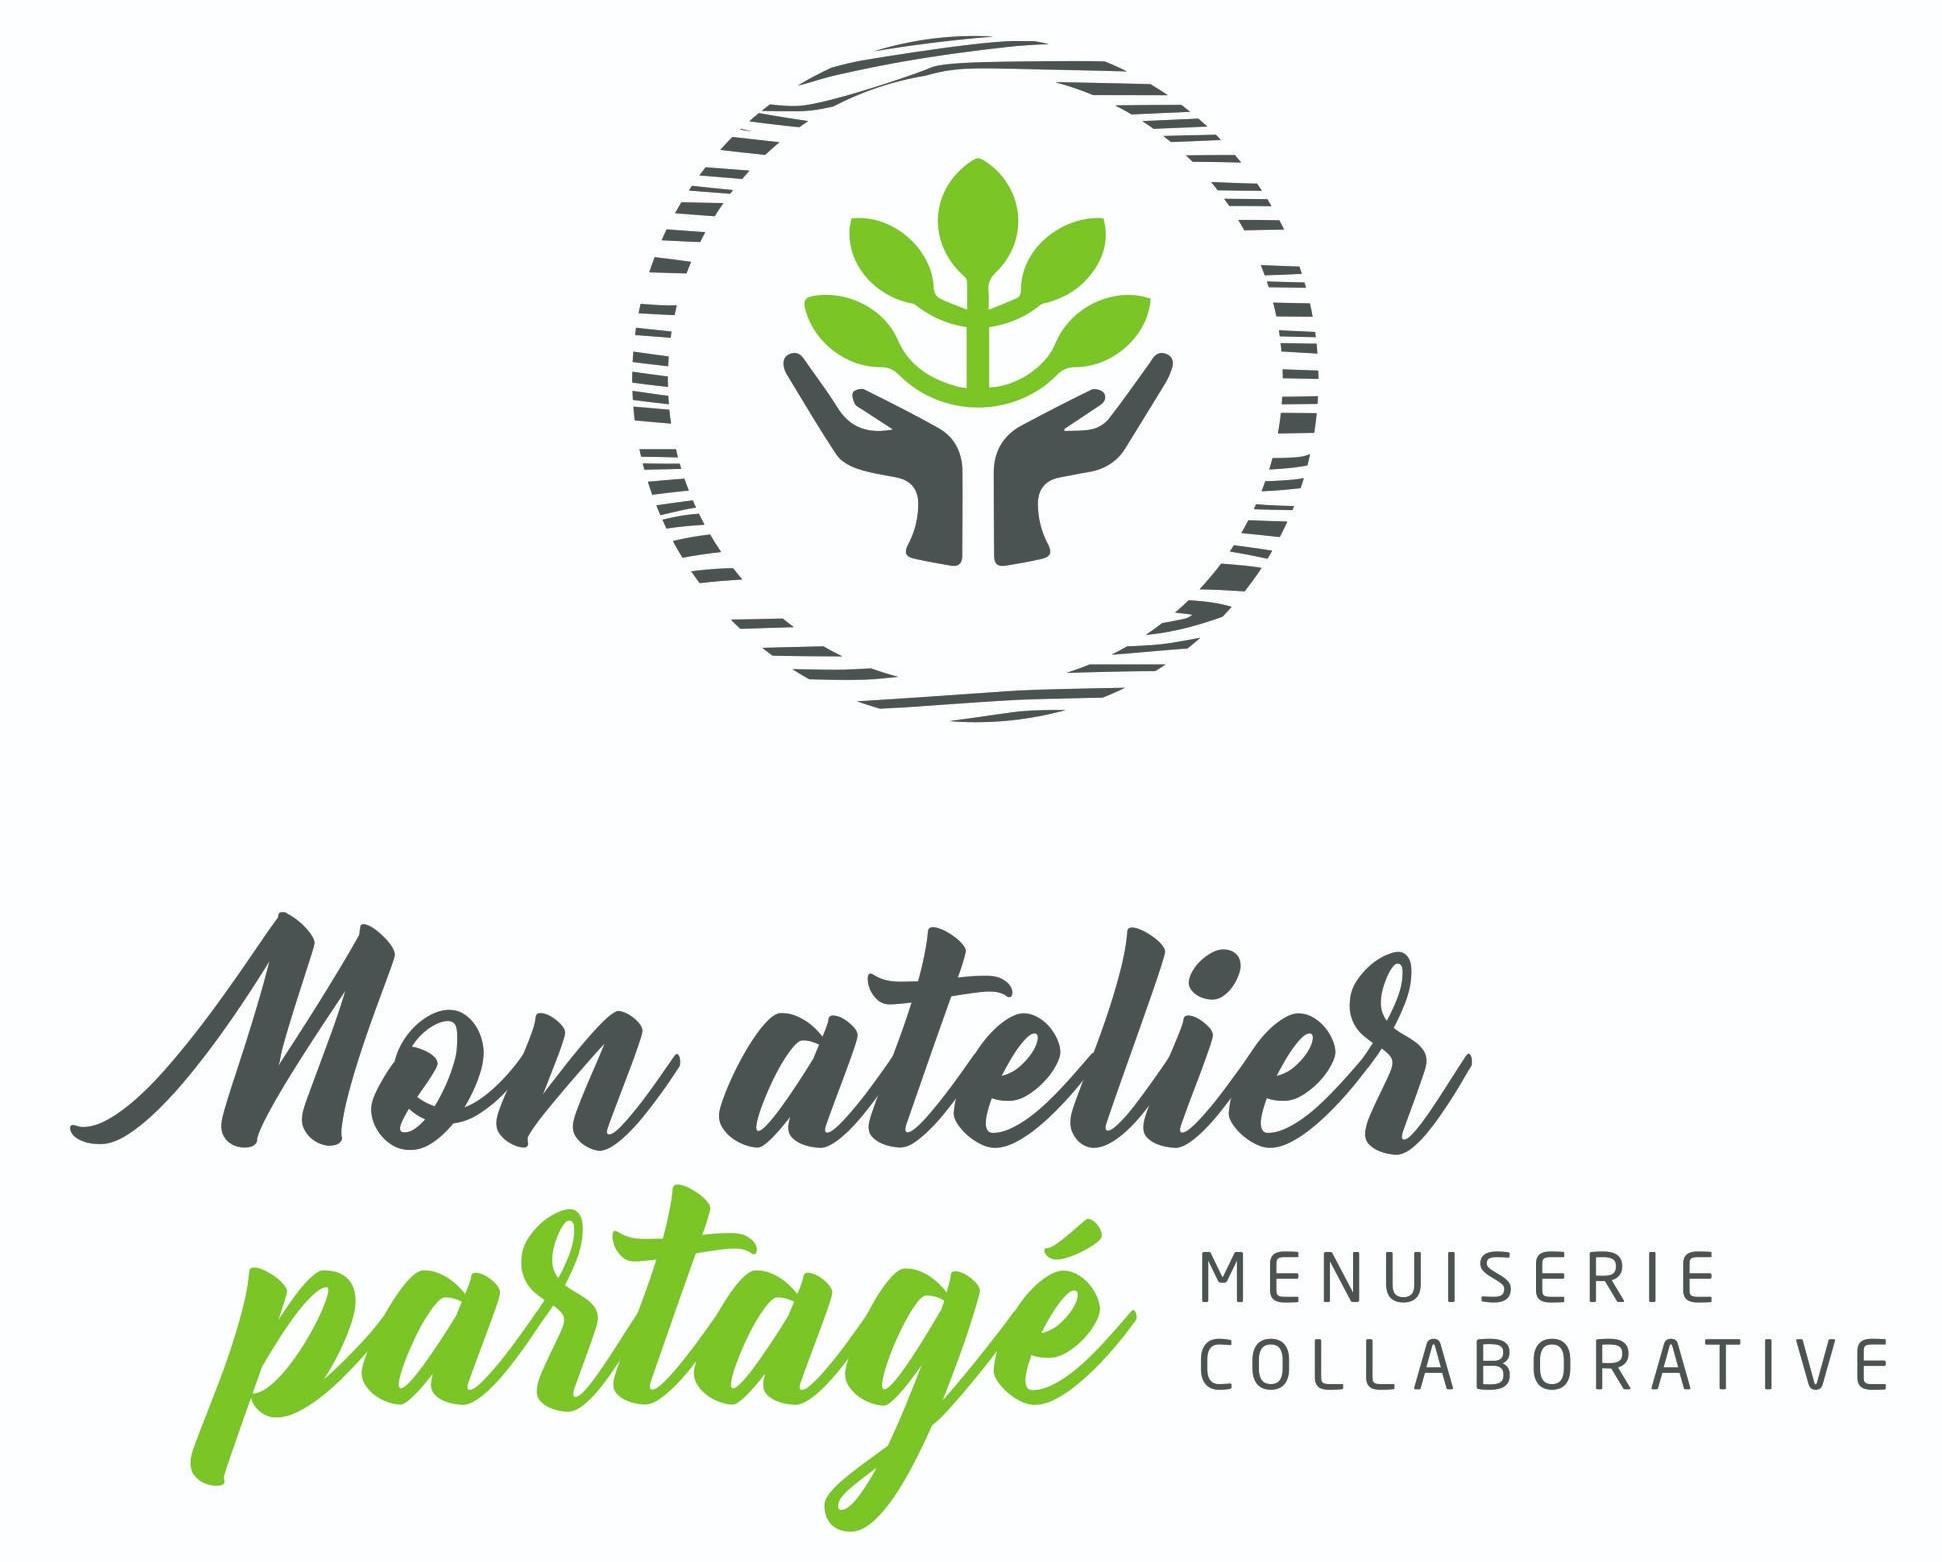 mon+atelier+partag%C3%A9+lyon+corbas+menuiserie+collaborative